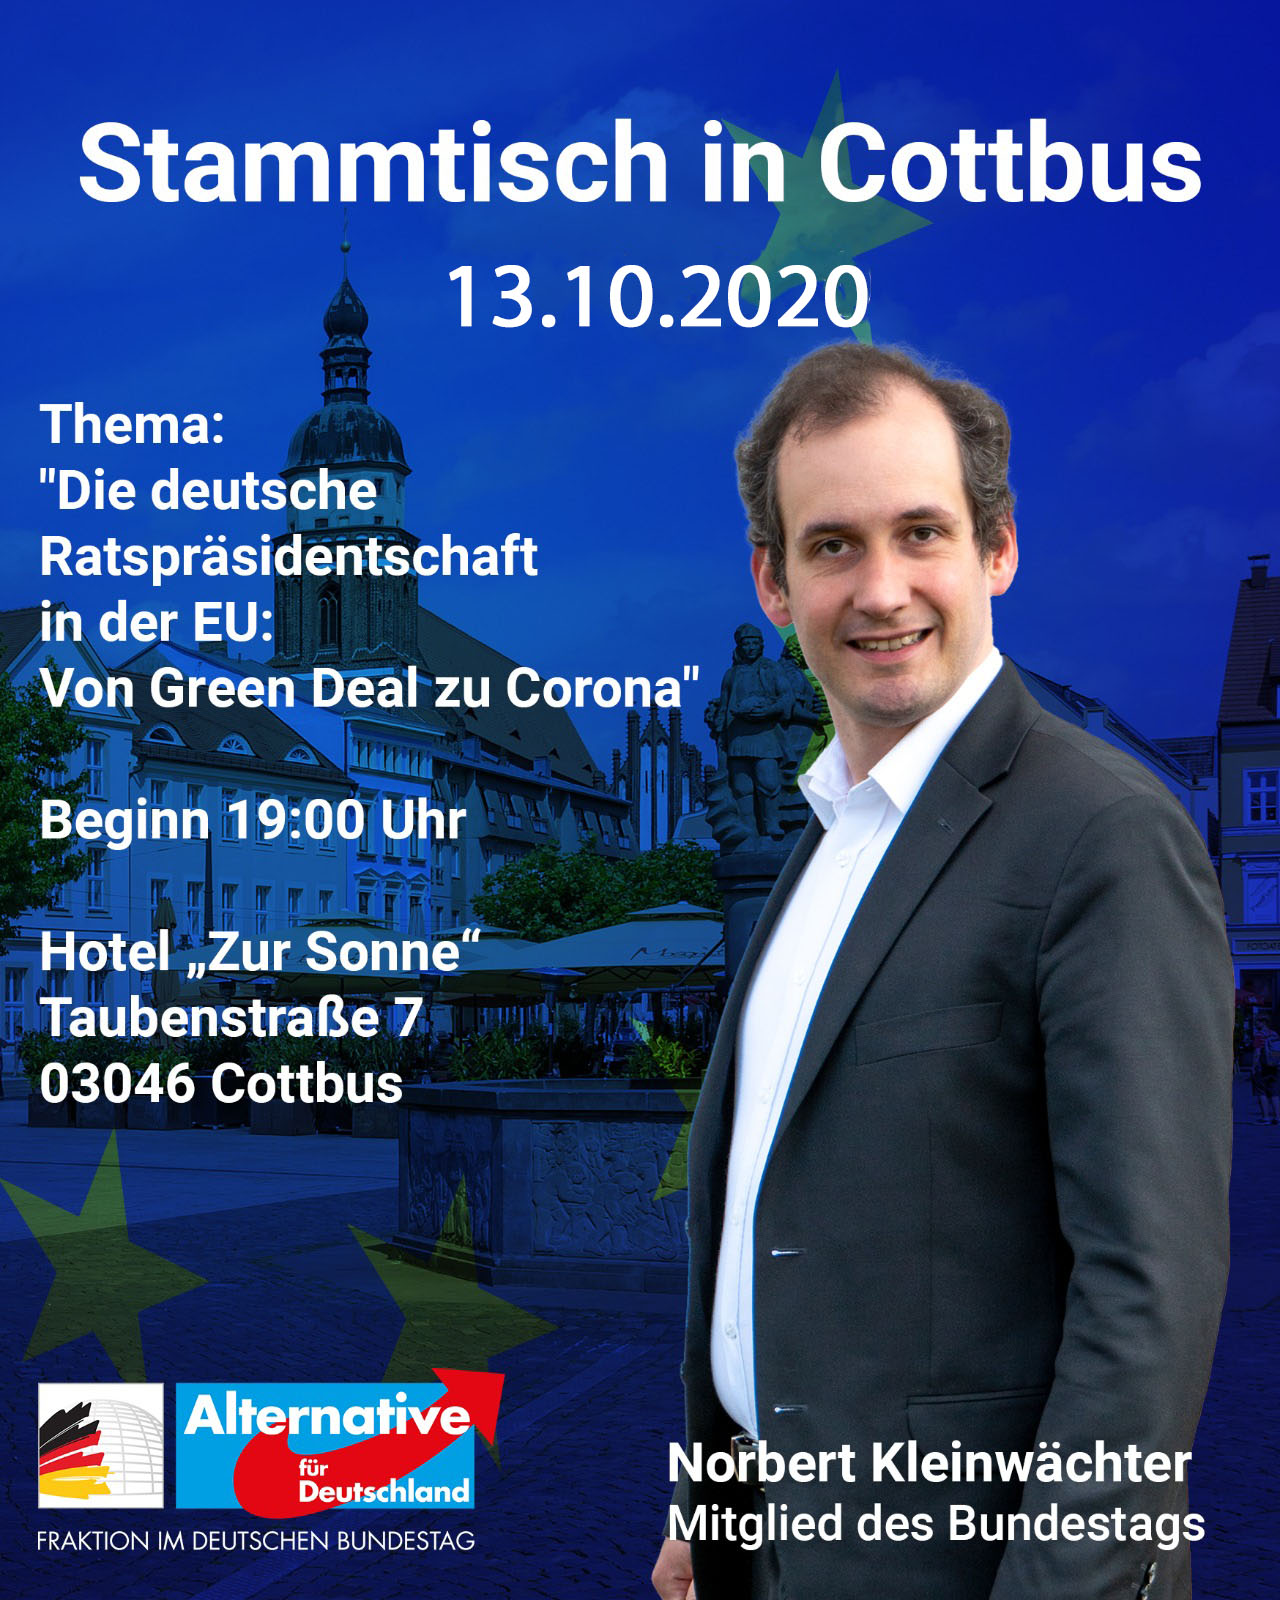 AfD Kreisverband Cottbus Stammtisch am 13.10.2020